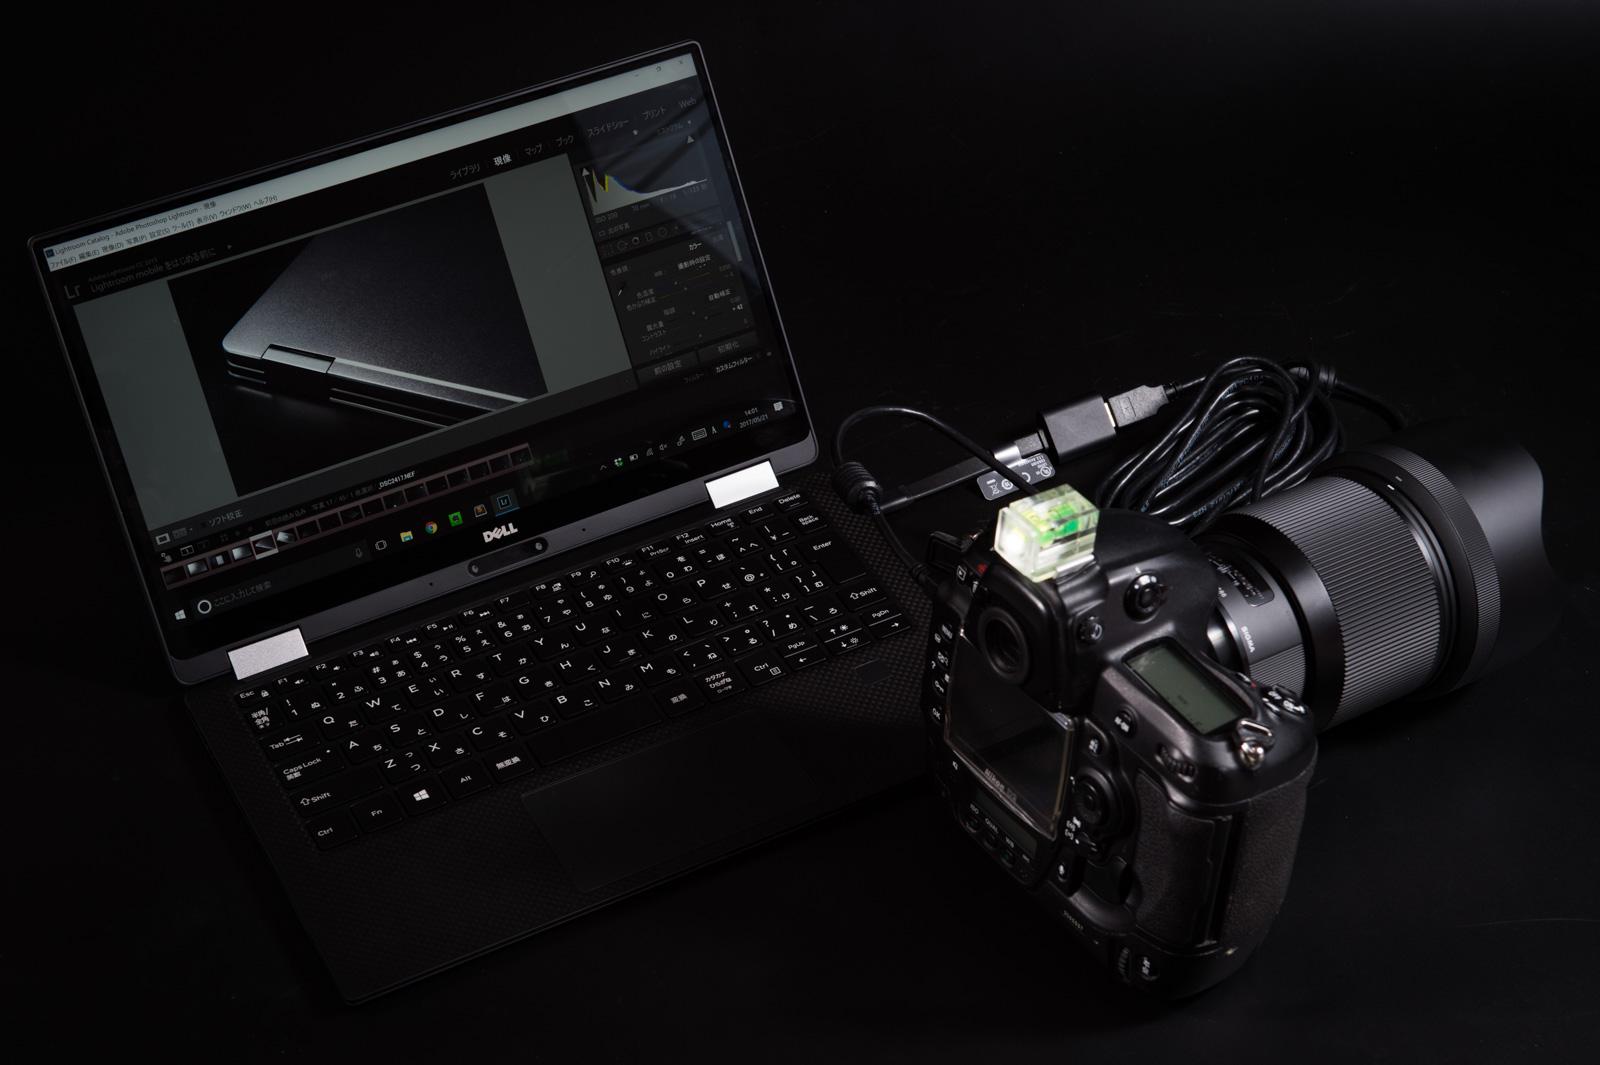 テザー撮影で使用するxps13-2-in-1